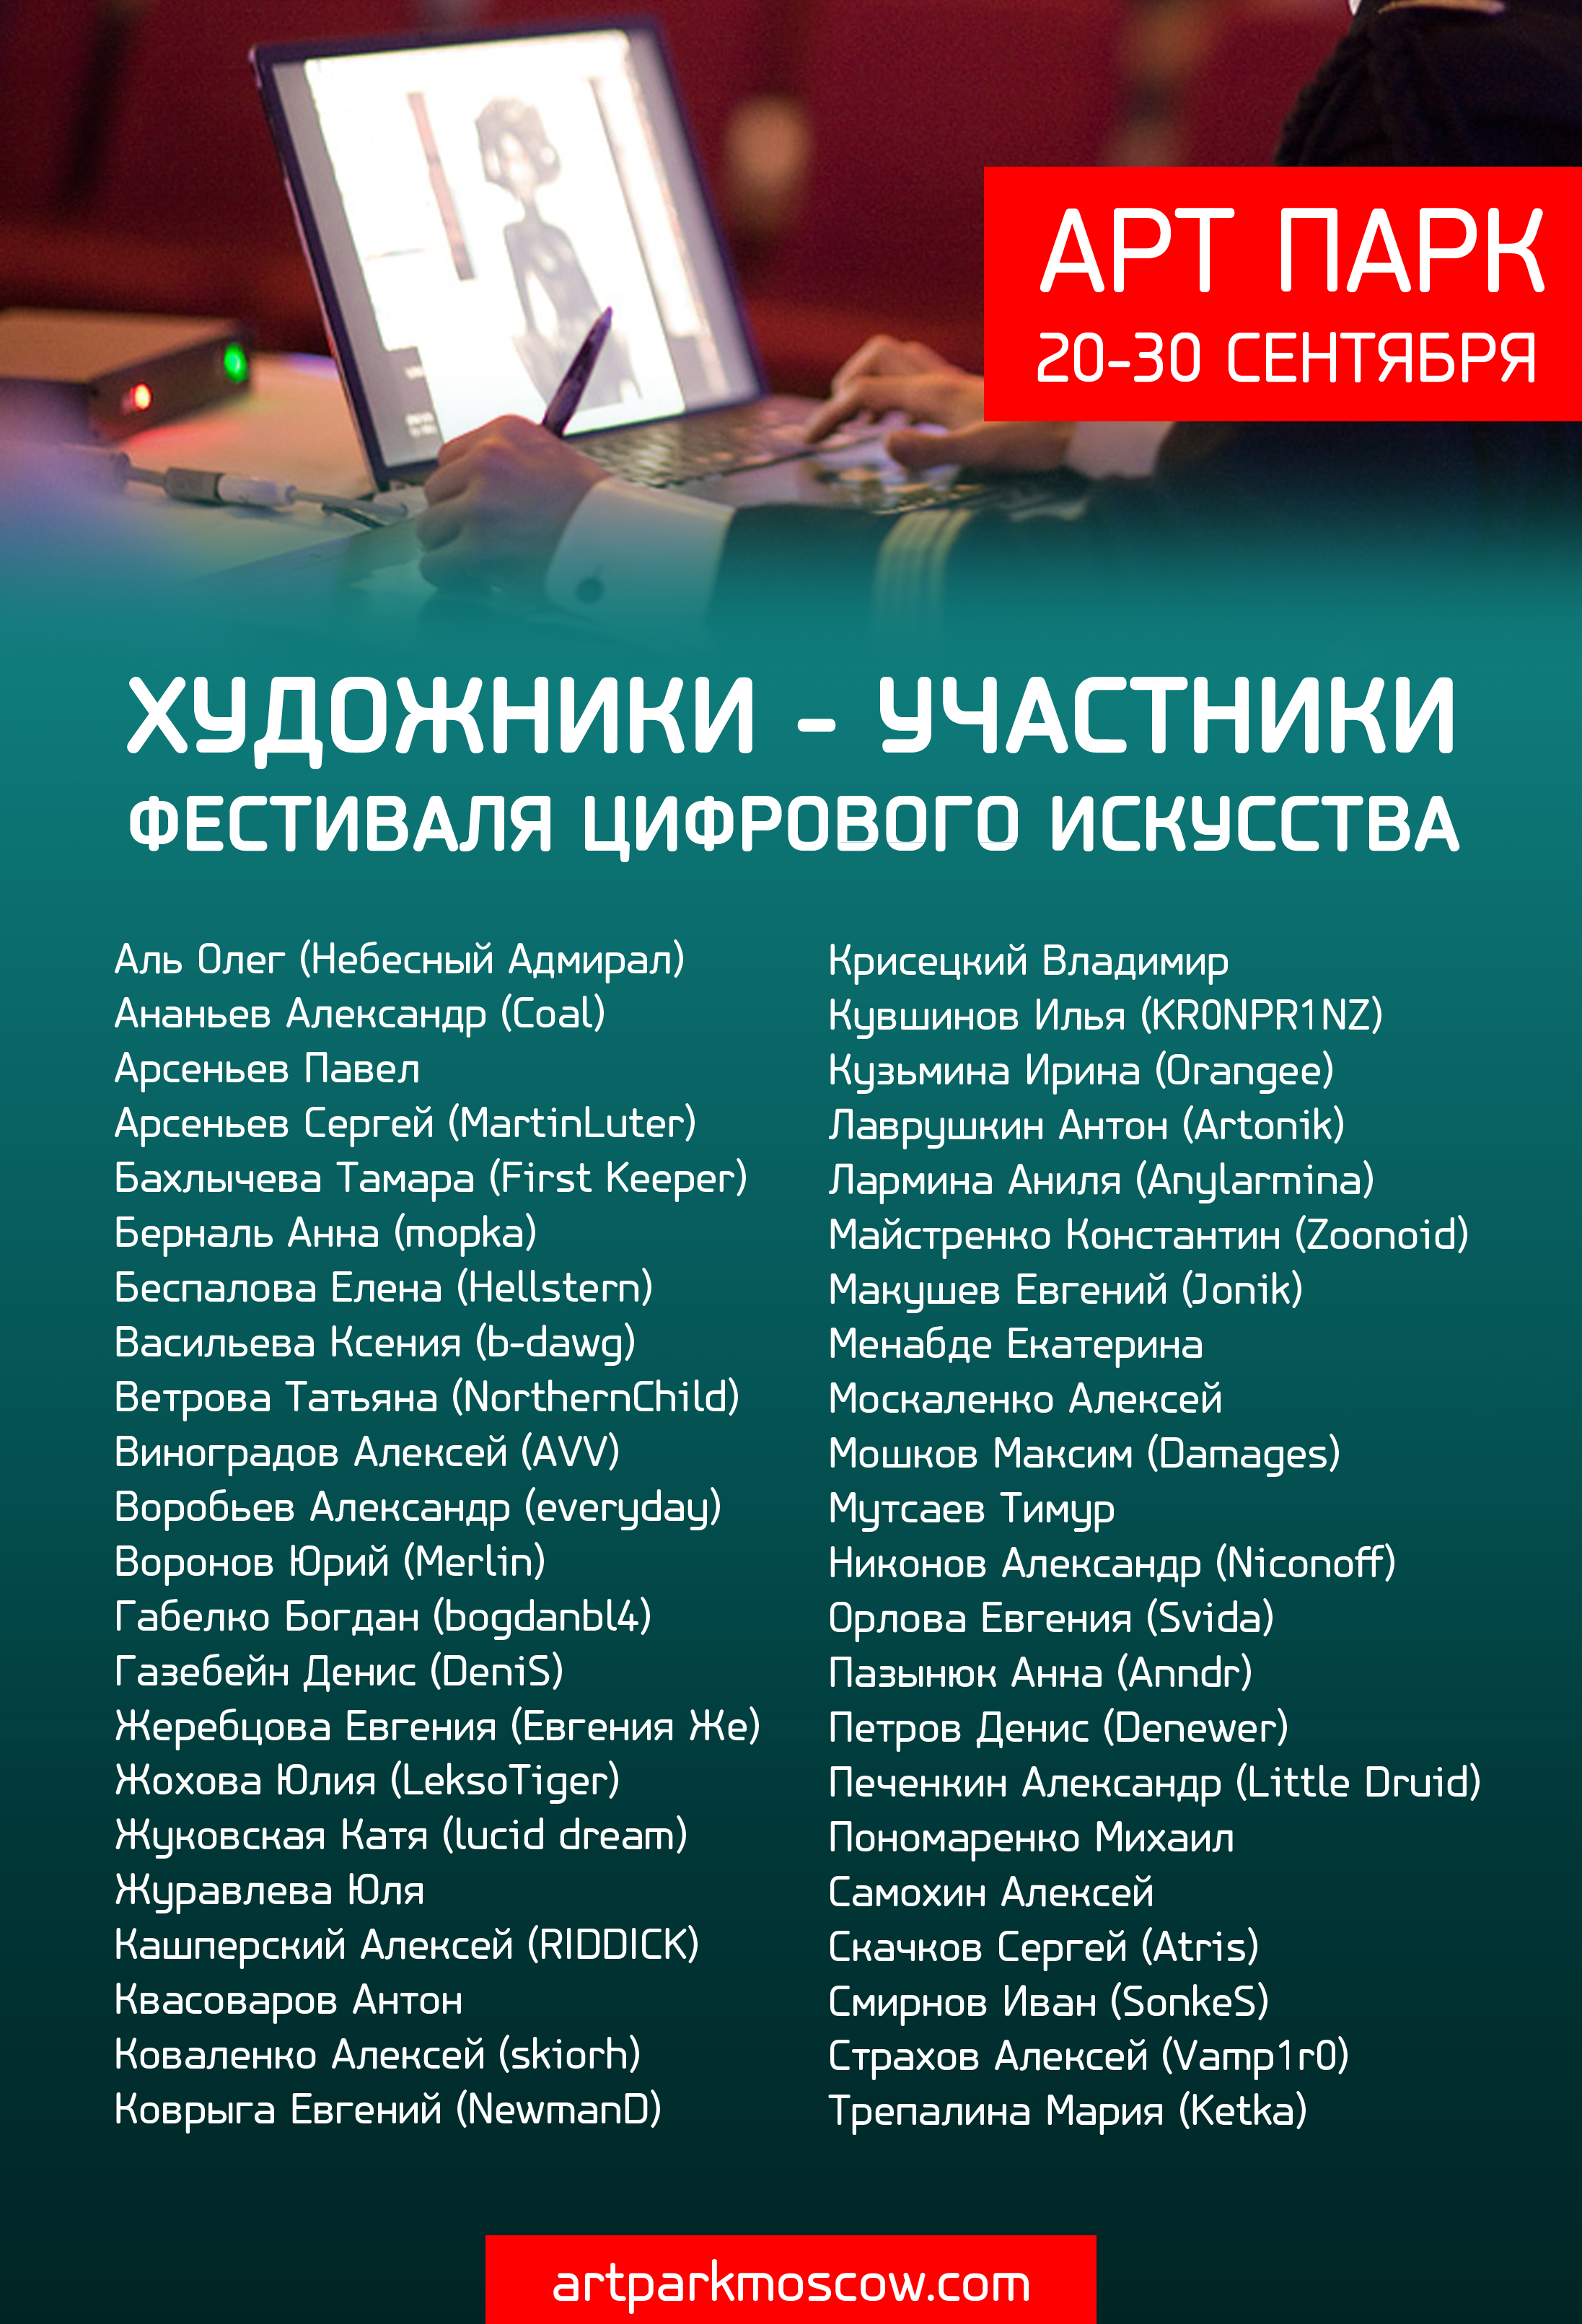 участники фестиваля цифрового искусства